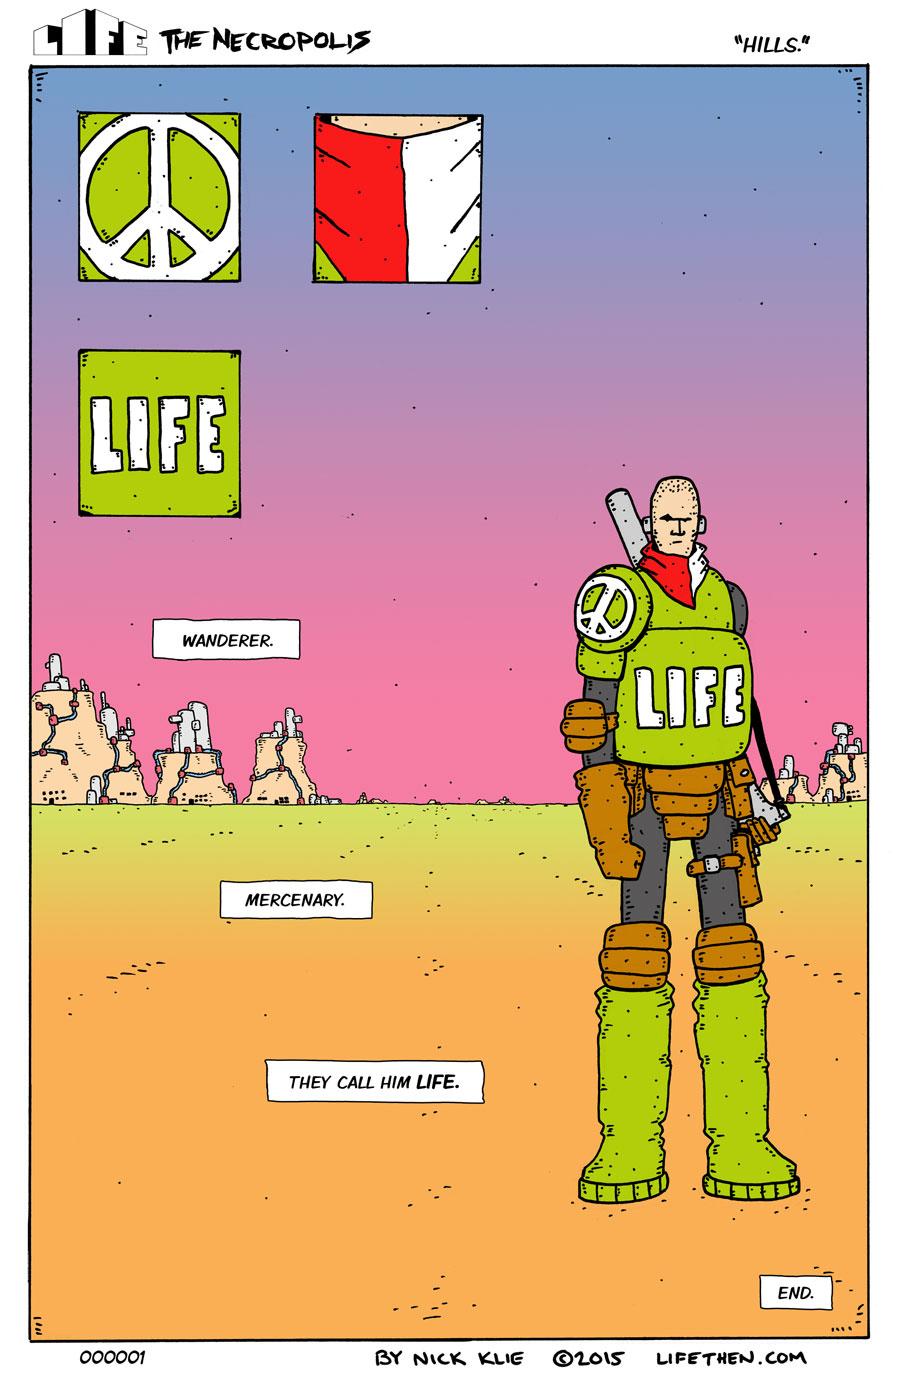 Life the Necropolis -  Lifethen.com